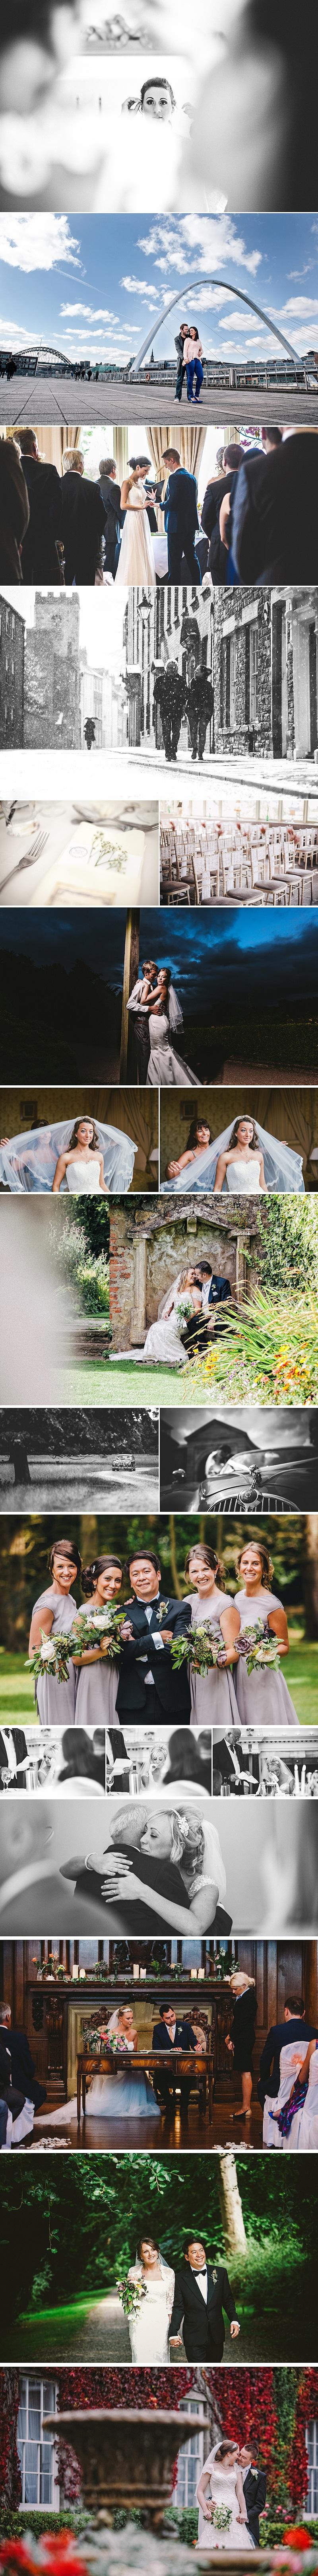 Collage-131231-BestOf2013-09.jpg